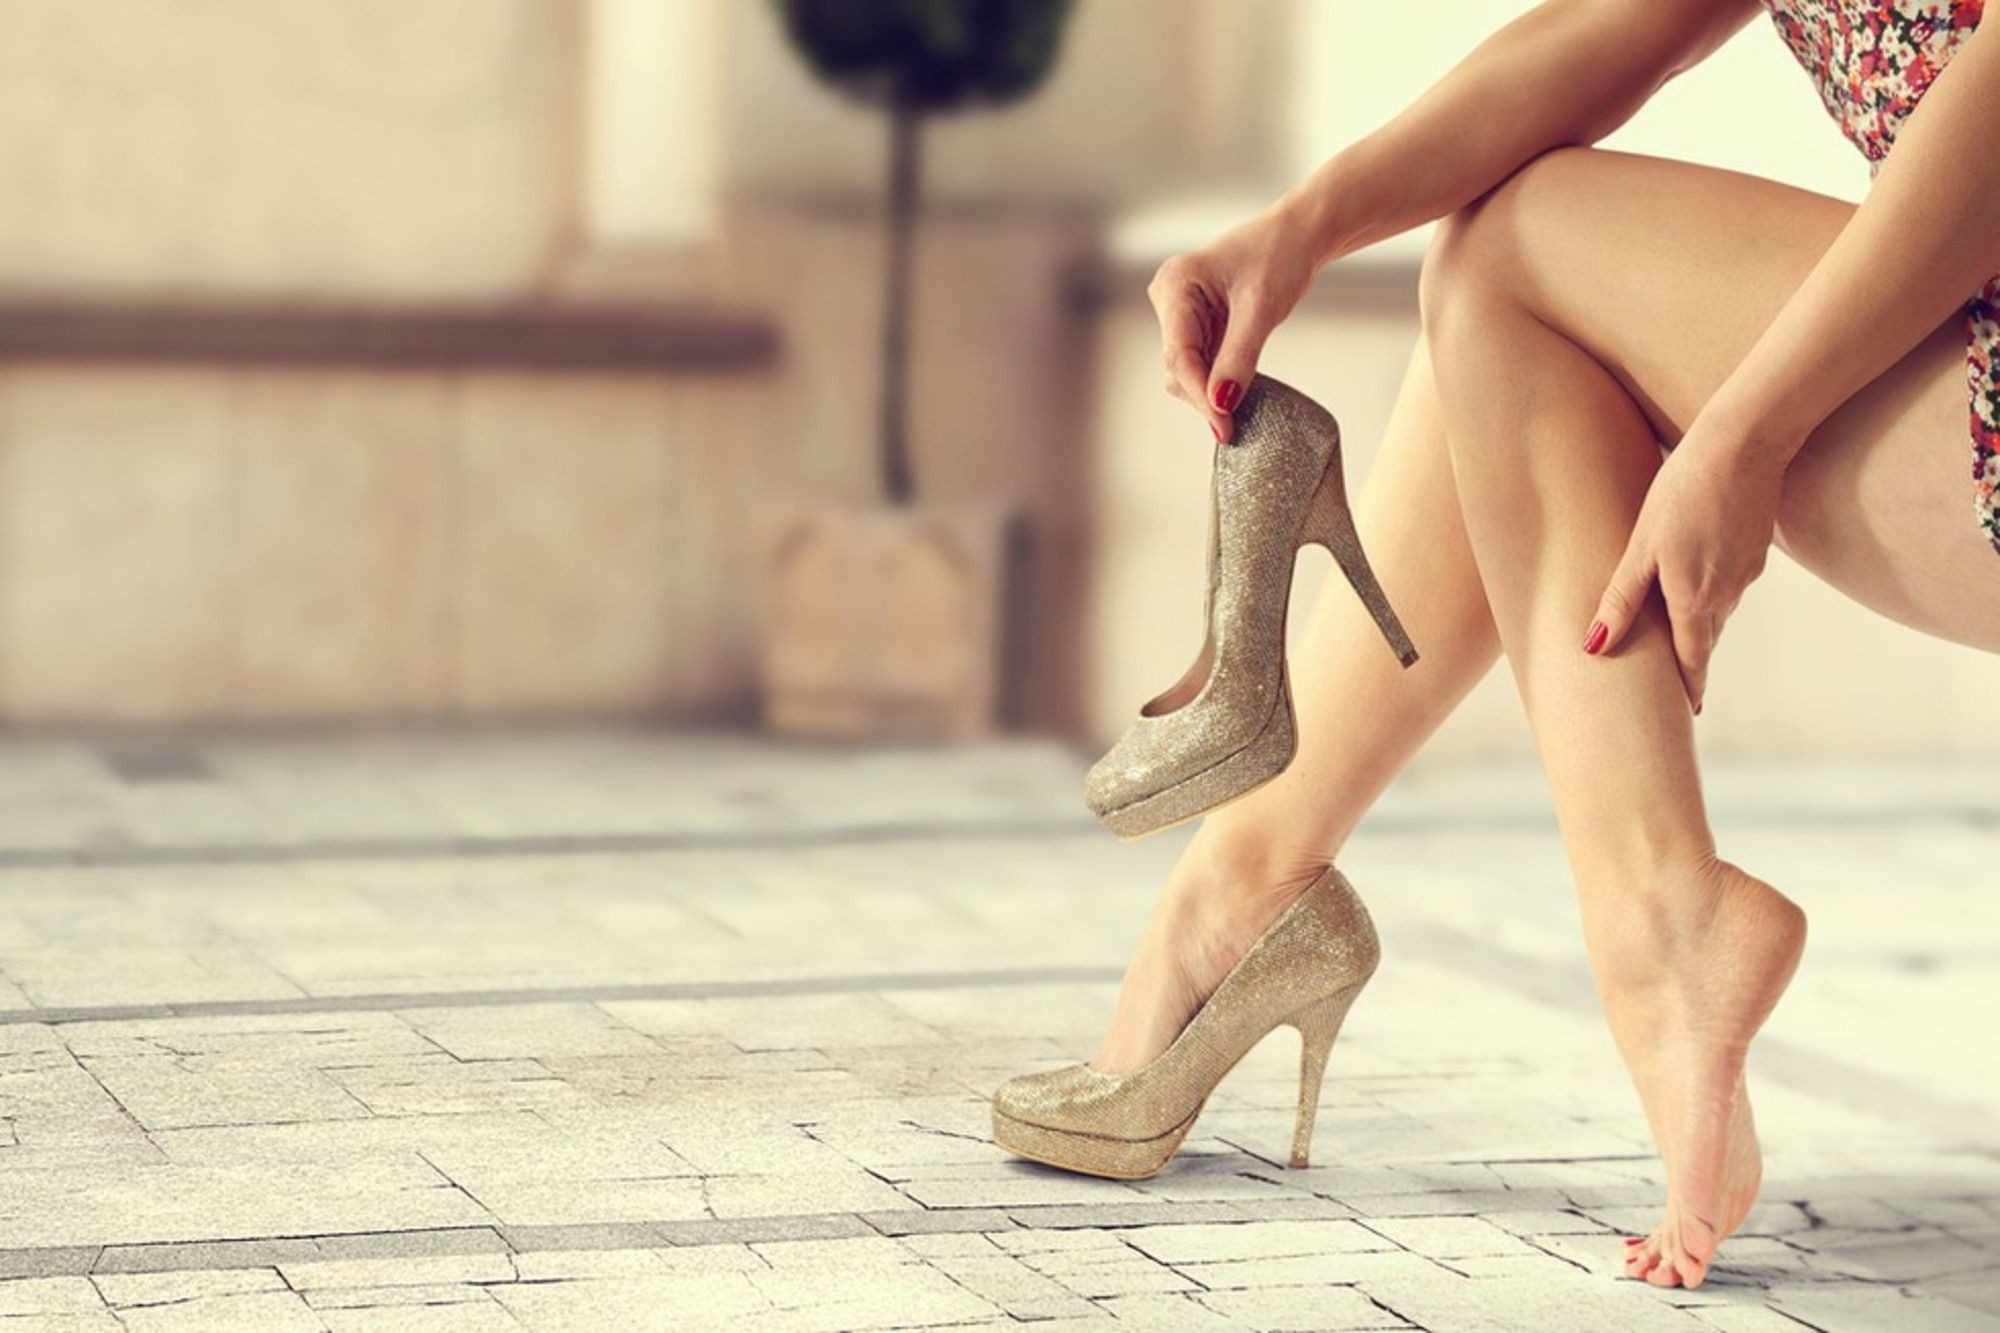 Đây là những lợi ích sức khoẻ bạn nhận được nếu hạn chế đi giày cao gót - Ảnh 1.